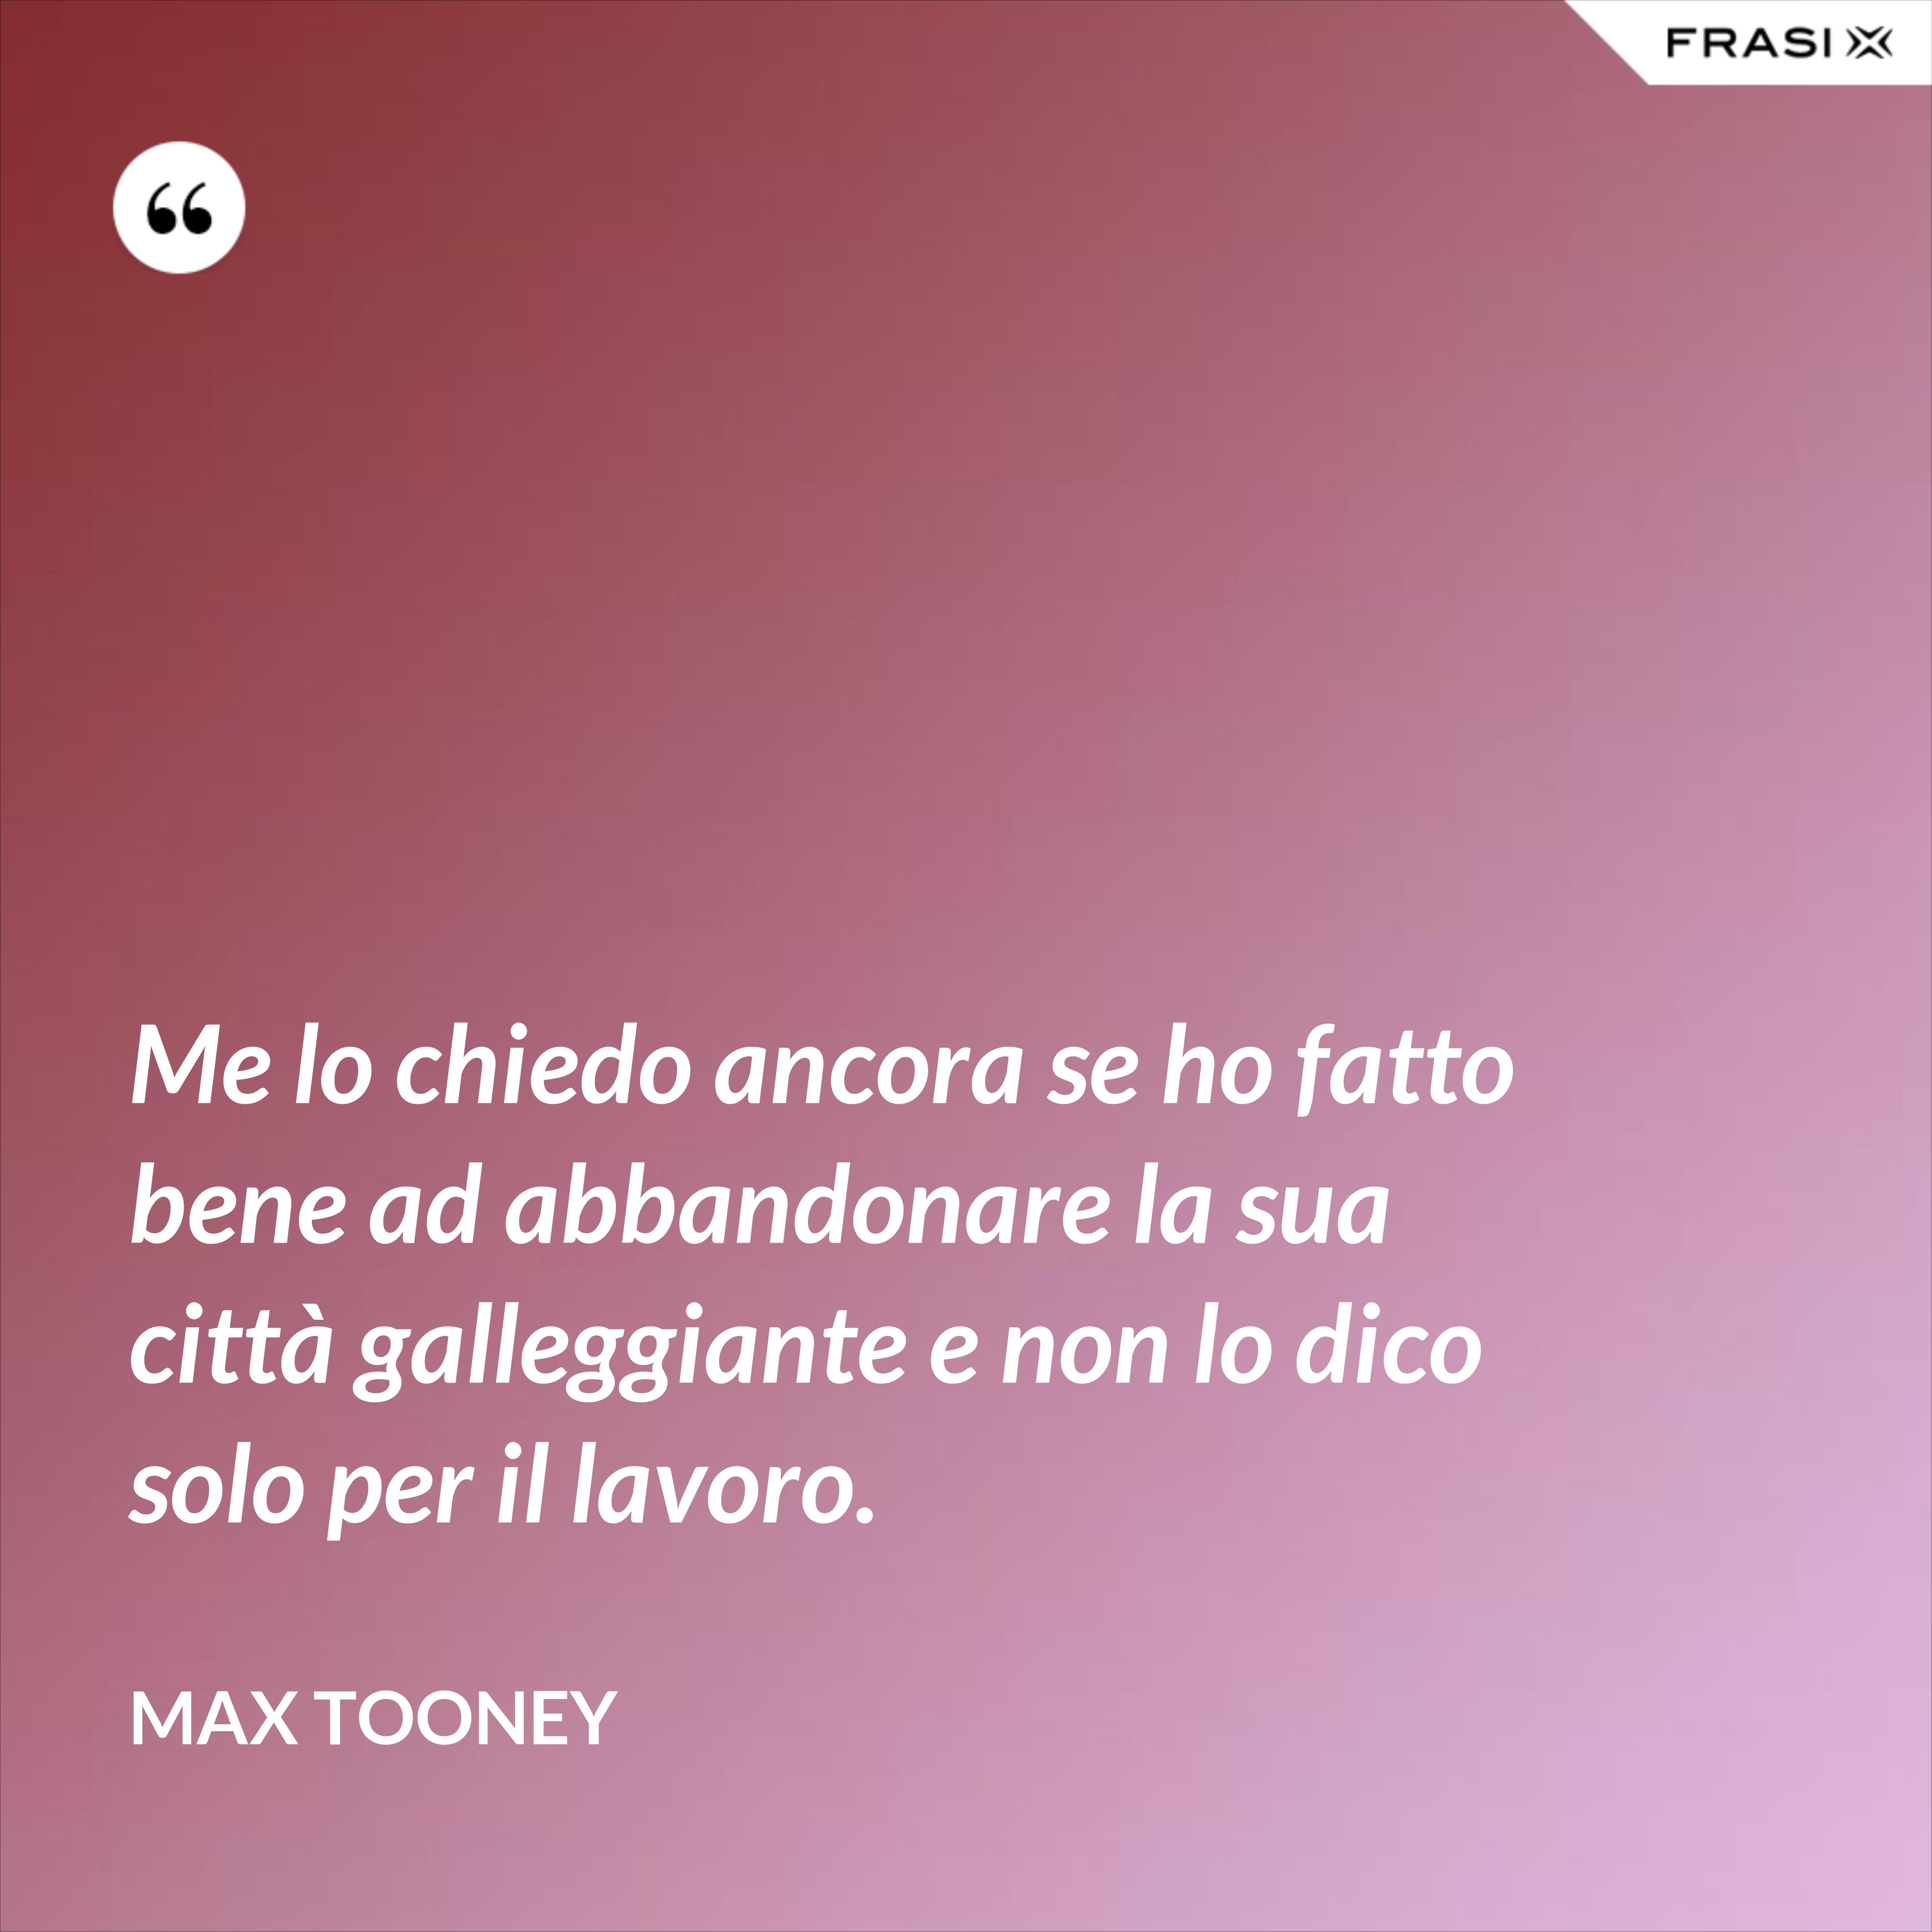 Me lo chiedo ancora se ho fatto bene ad abbandonare la sua città galleggiante e non lo dico solo per il lavoro. - Max Tooney